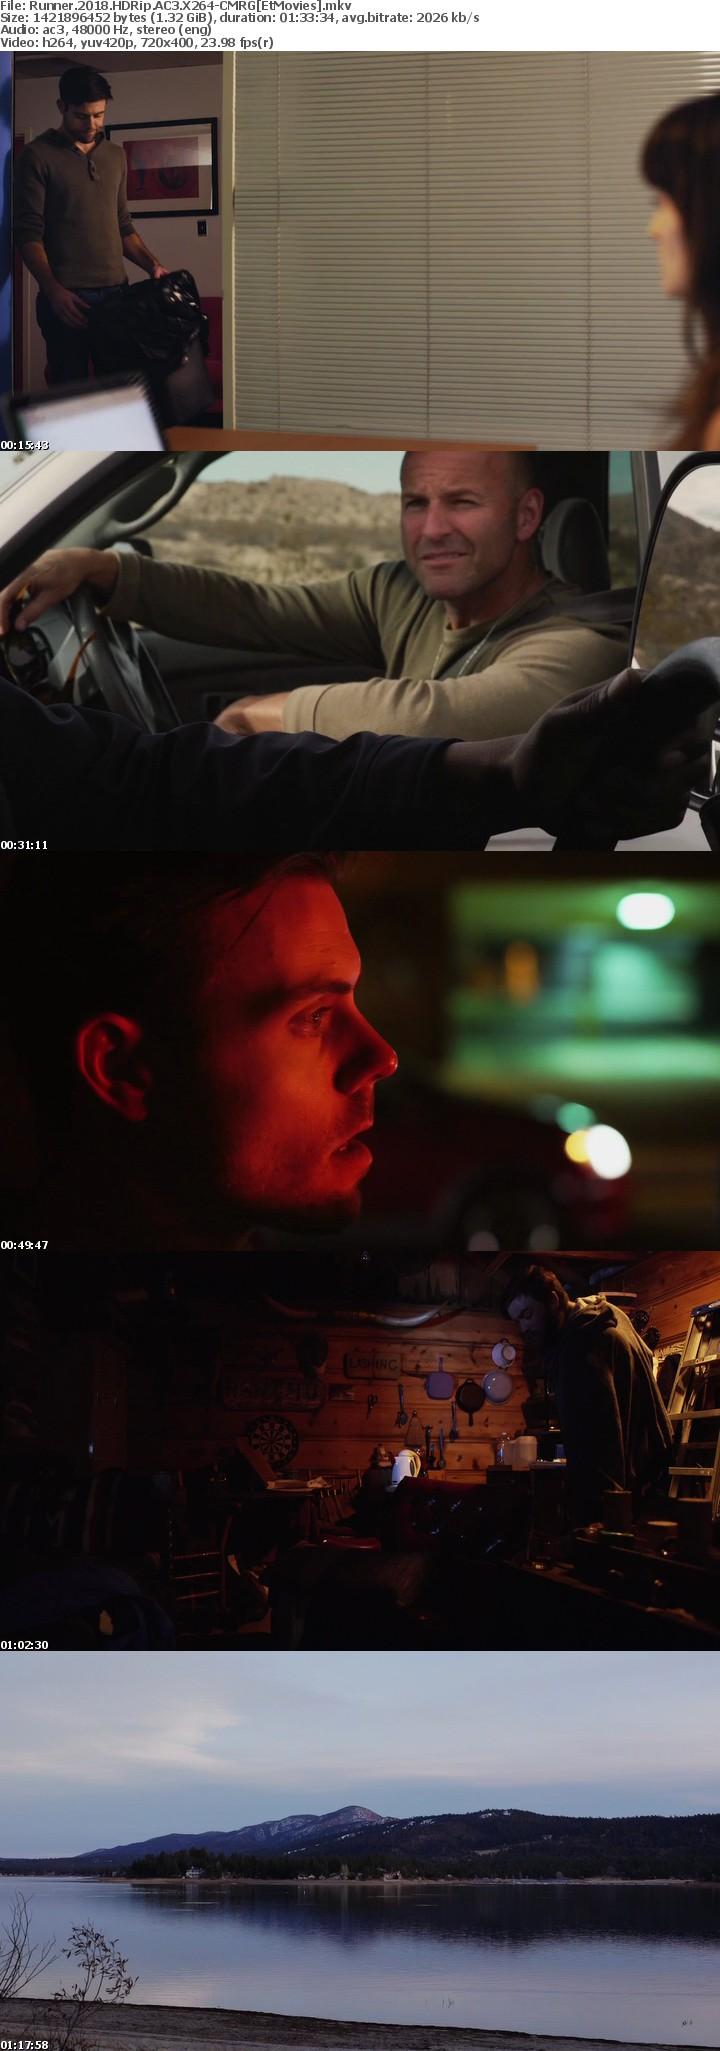 Runner 2018 HDRip AC3 X264-CMRG[EtMovies]